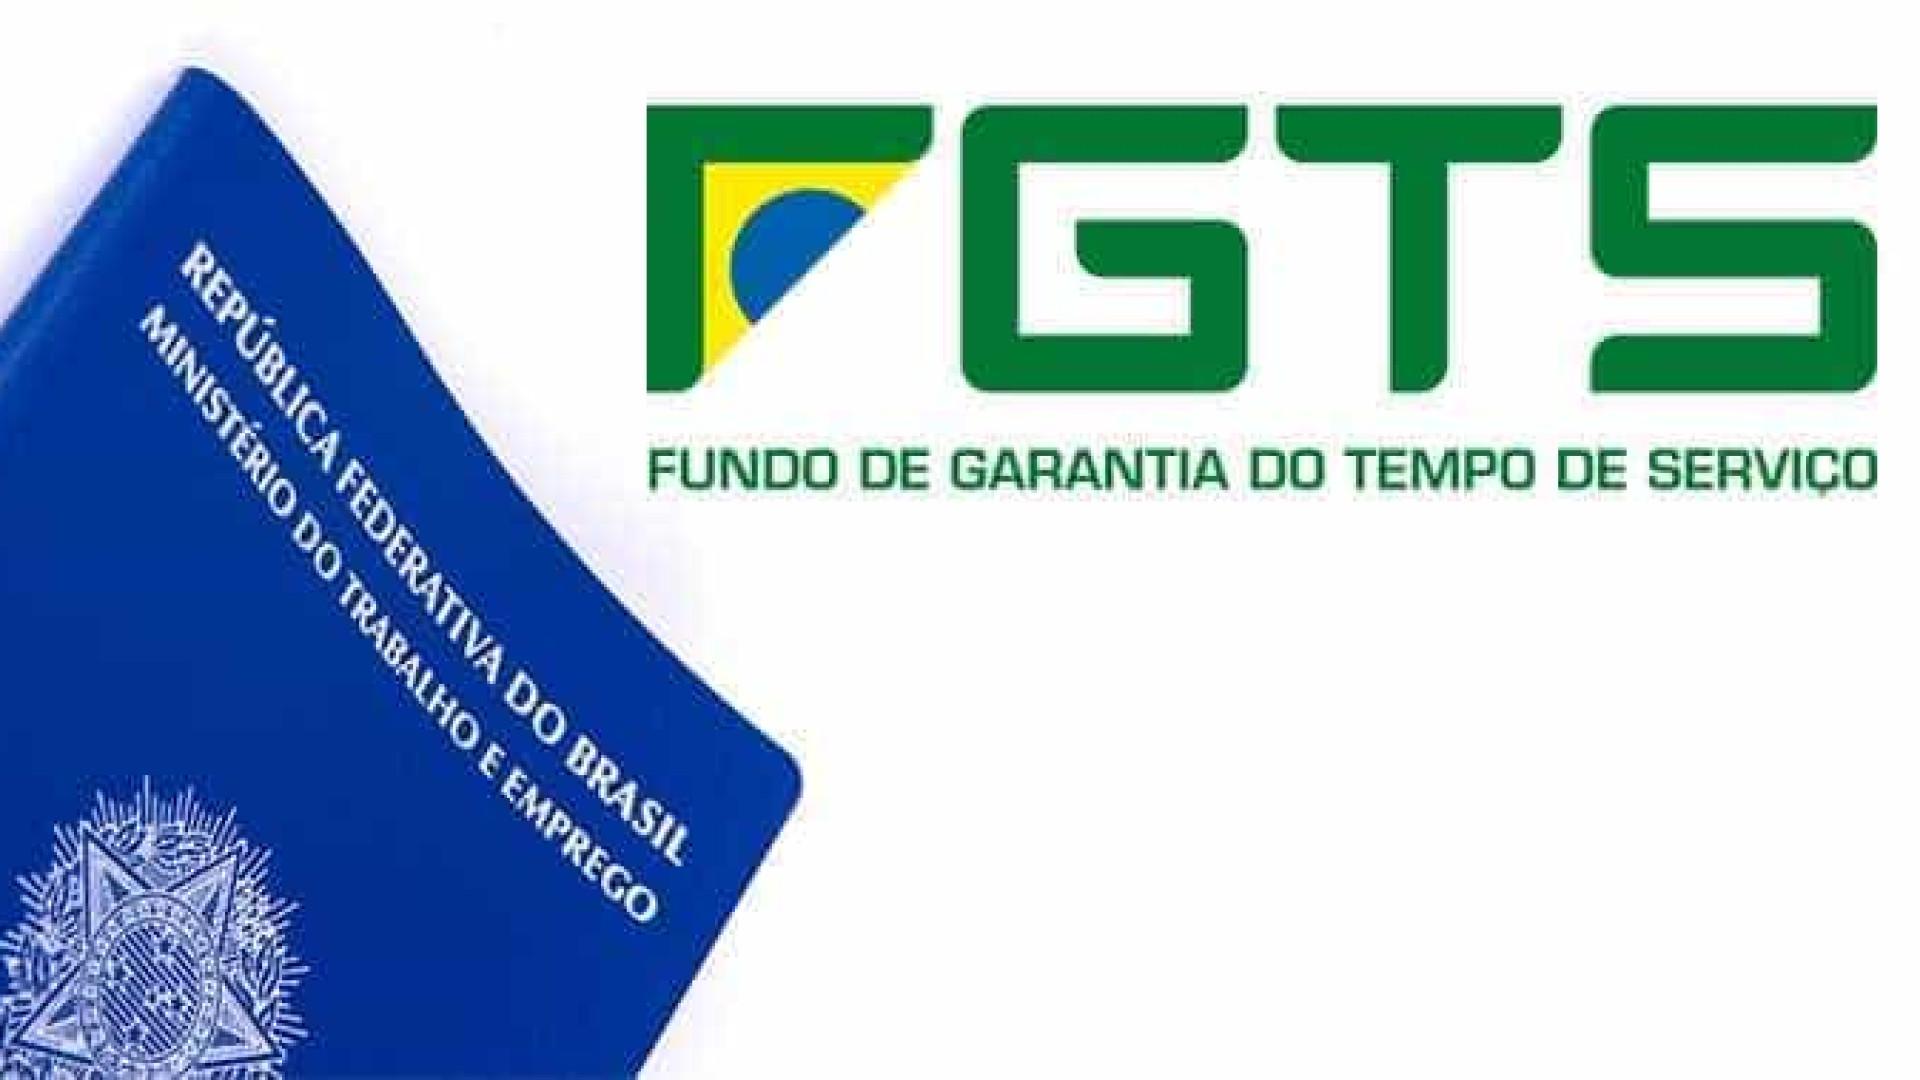 76% já sacaram o saldo das contas inativas do FGTS